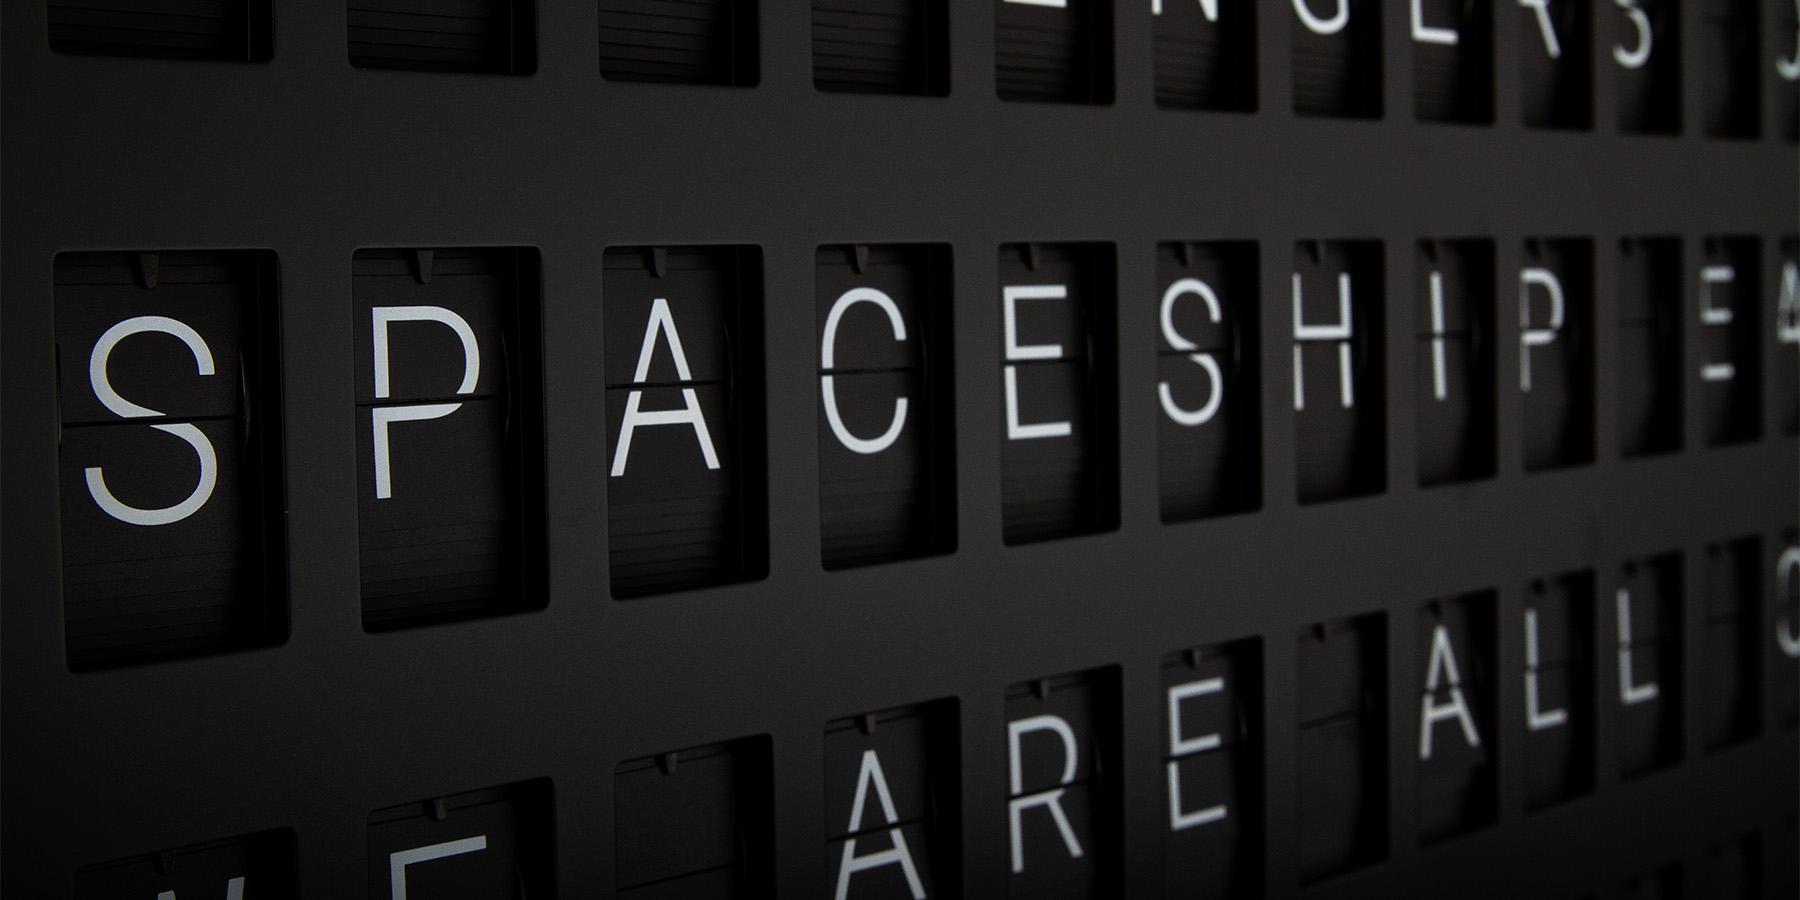 Vestaboard close up showing letters